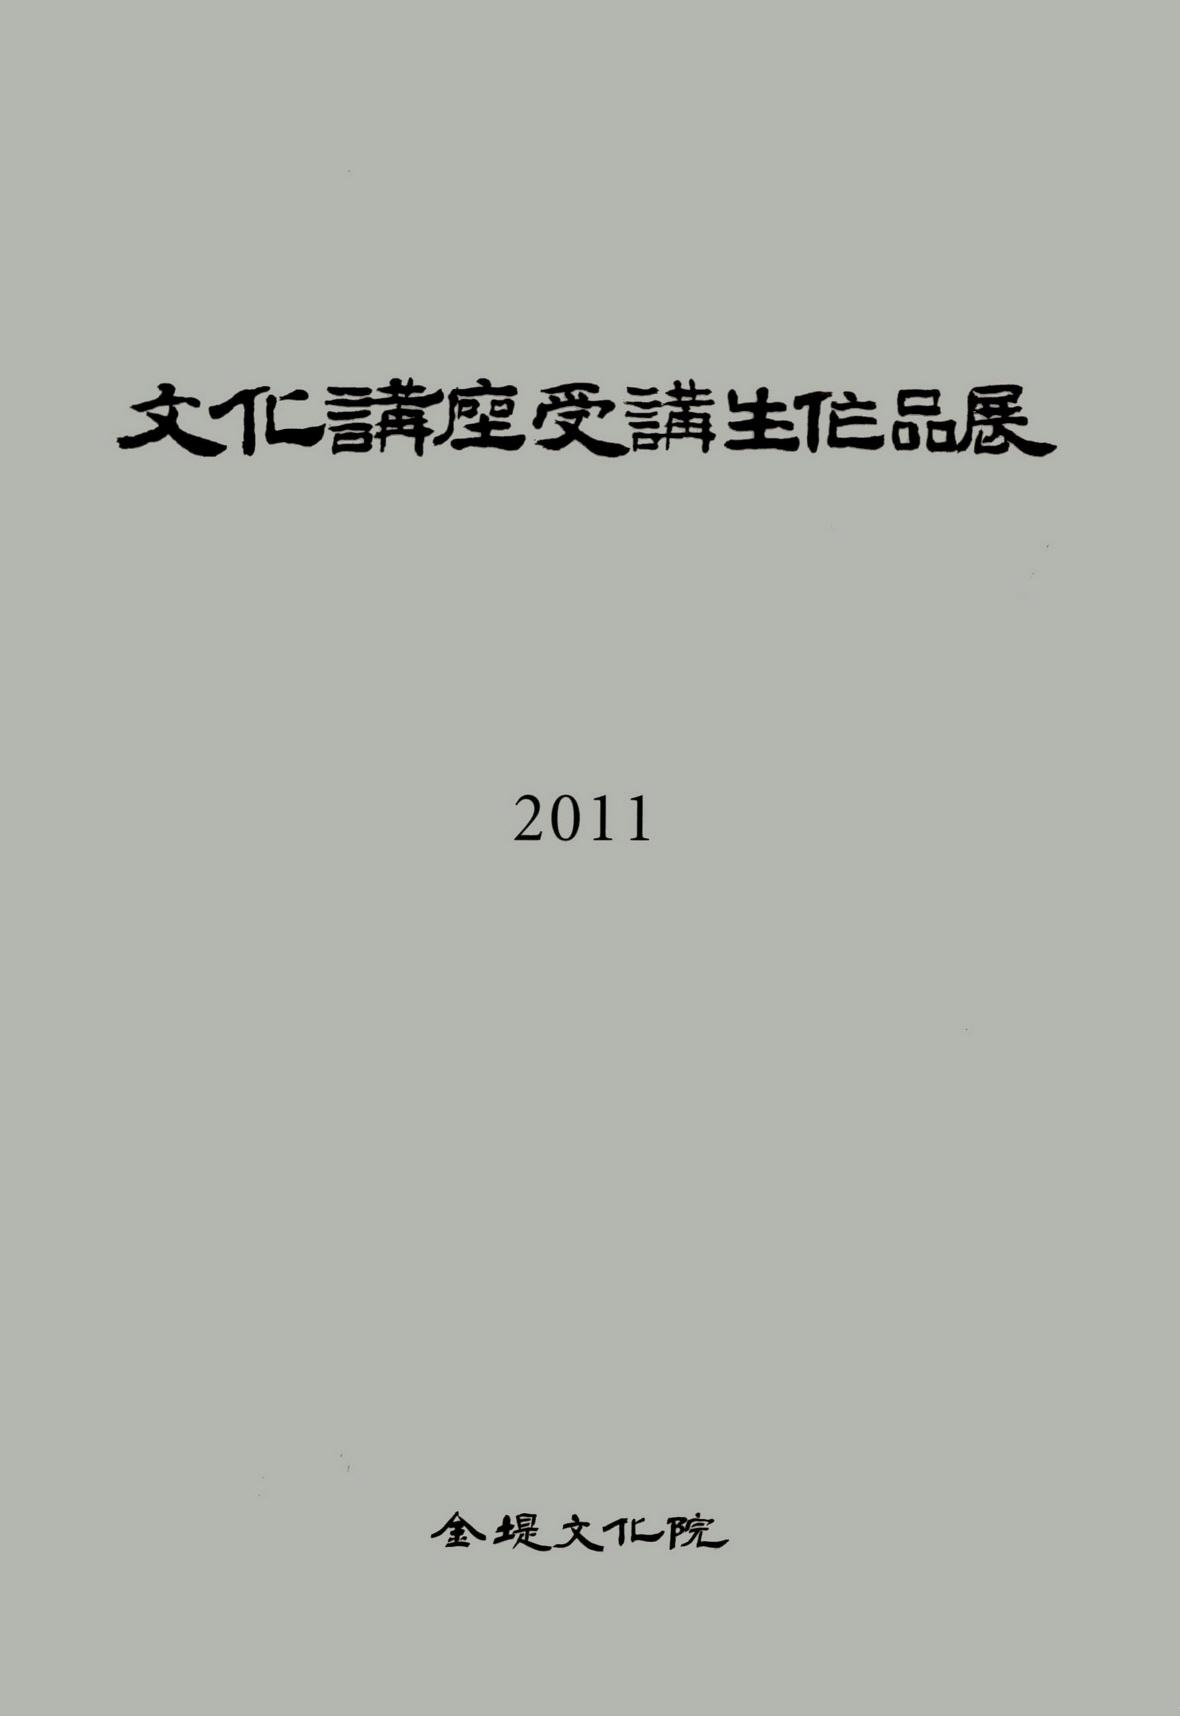 문화강좌수강생작품전 2011